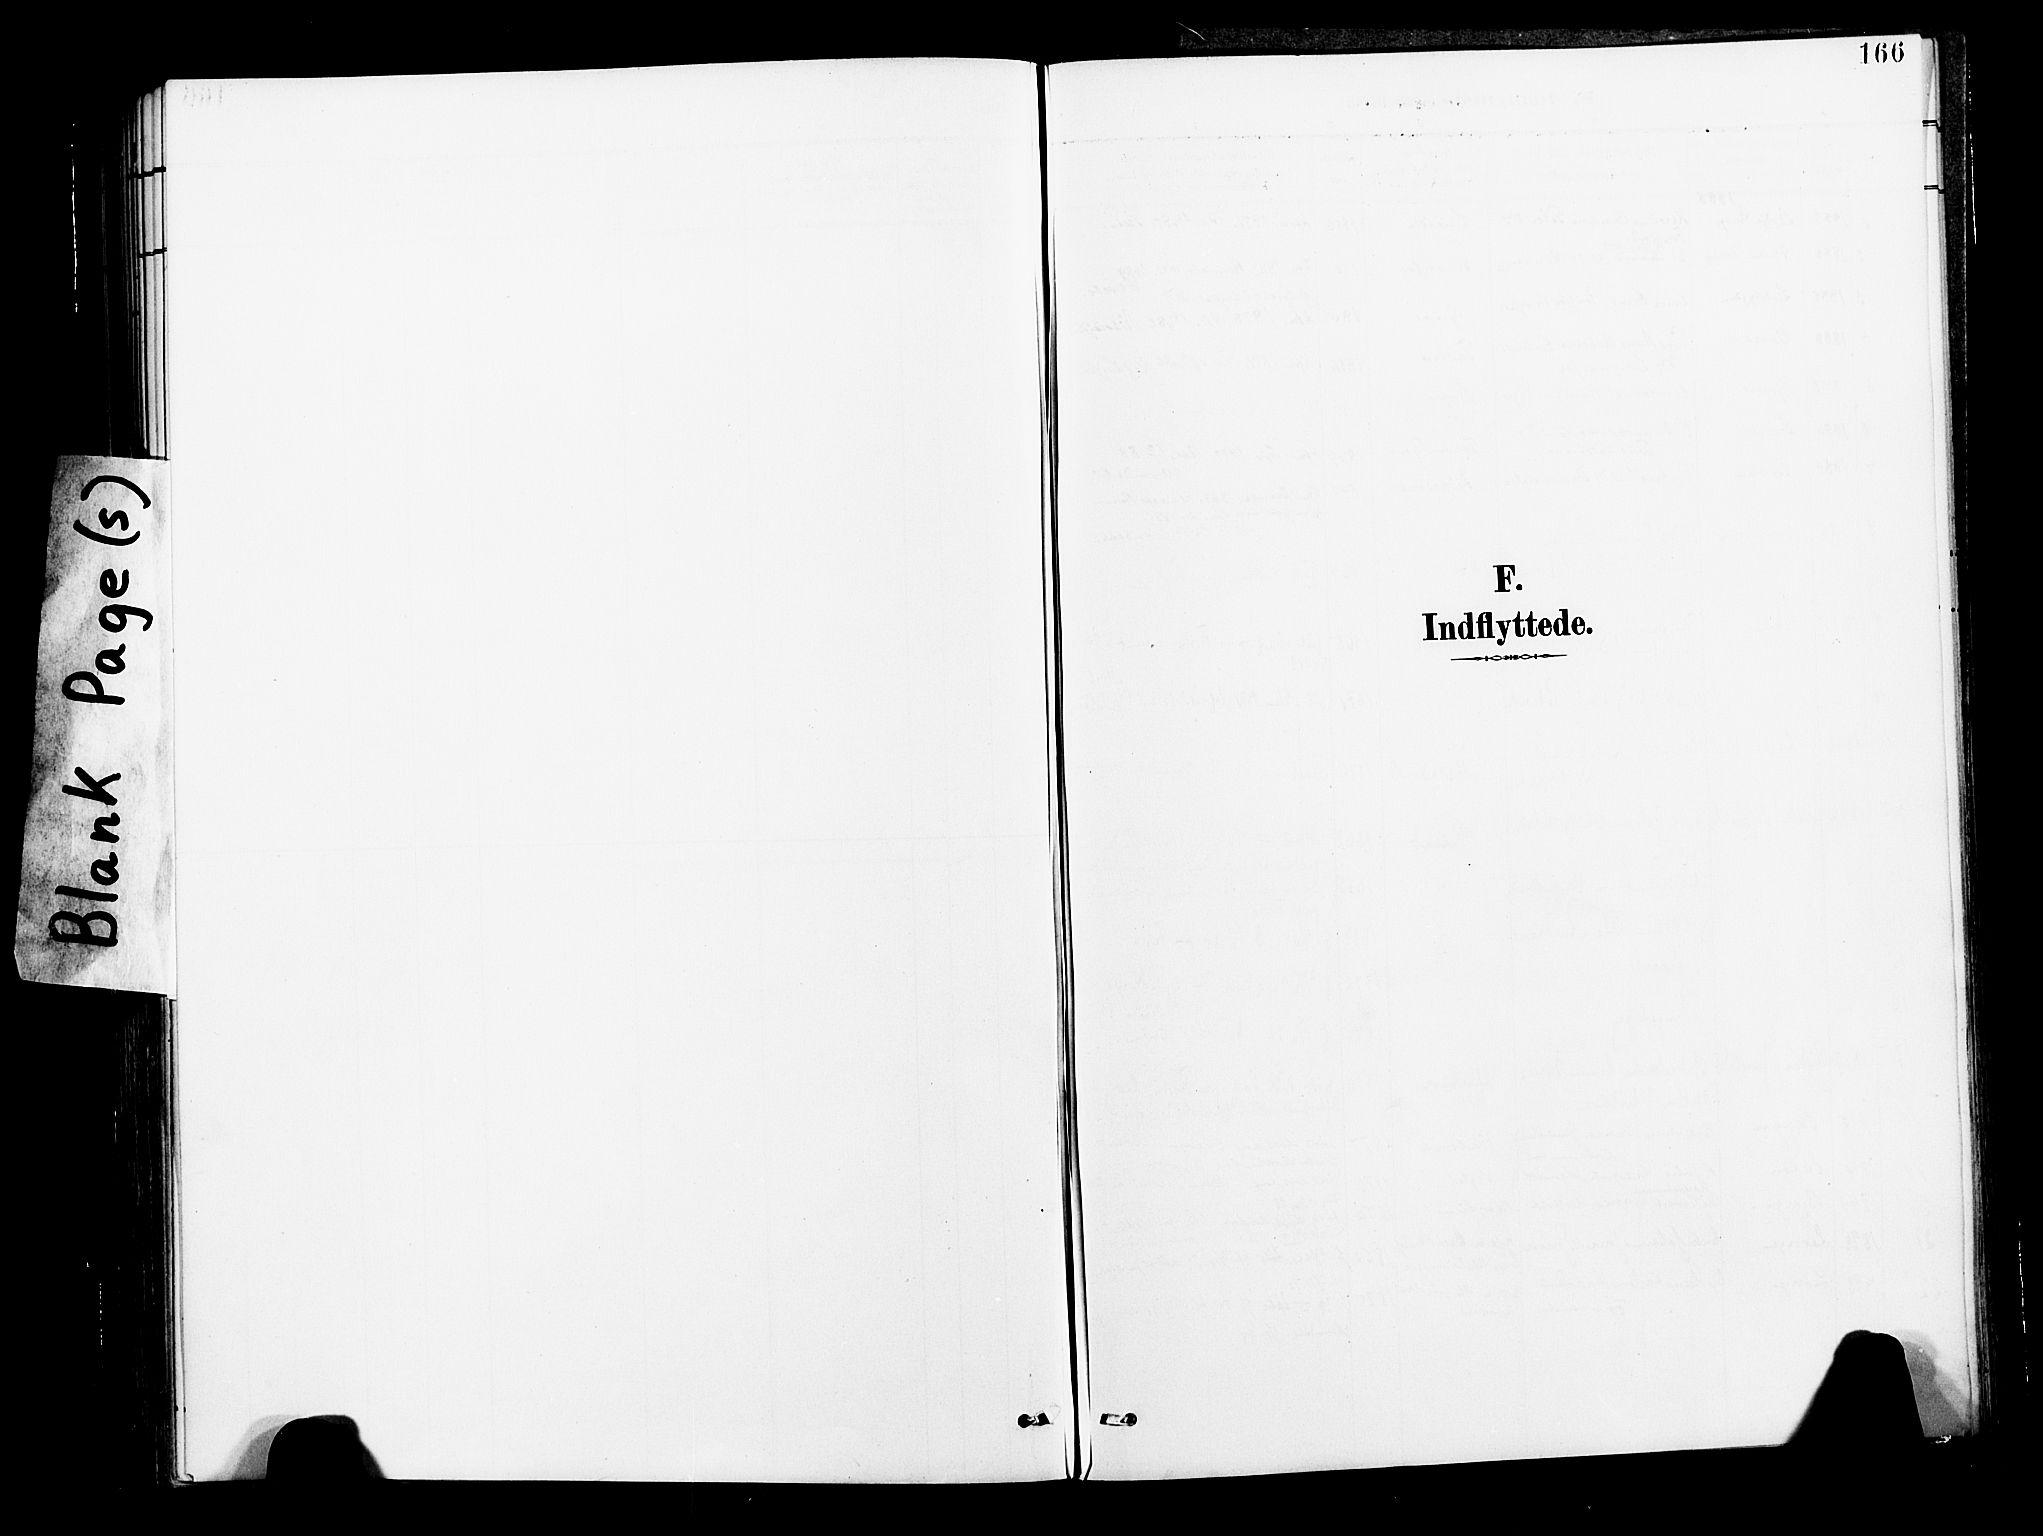 SAT, Ministerialprotokoller, klokkerbøker og fødselsregistre - Nord-Trøndelag, 713/L0121: Ministerialbok nr. 713A10, 1888-1898, s. 166